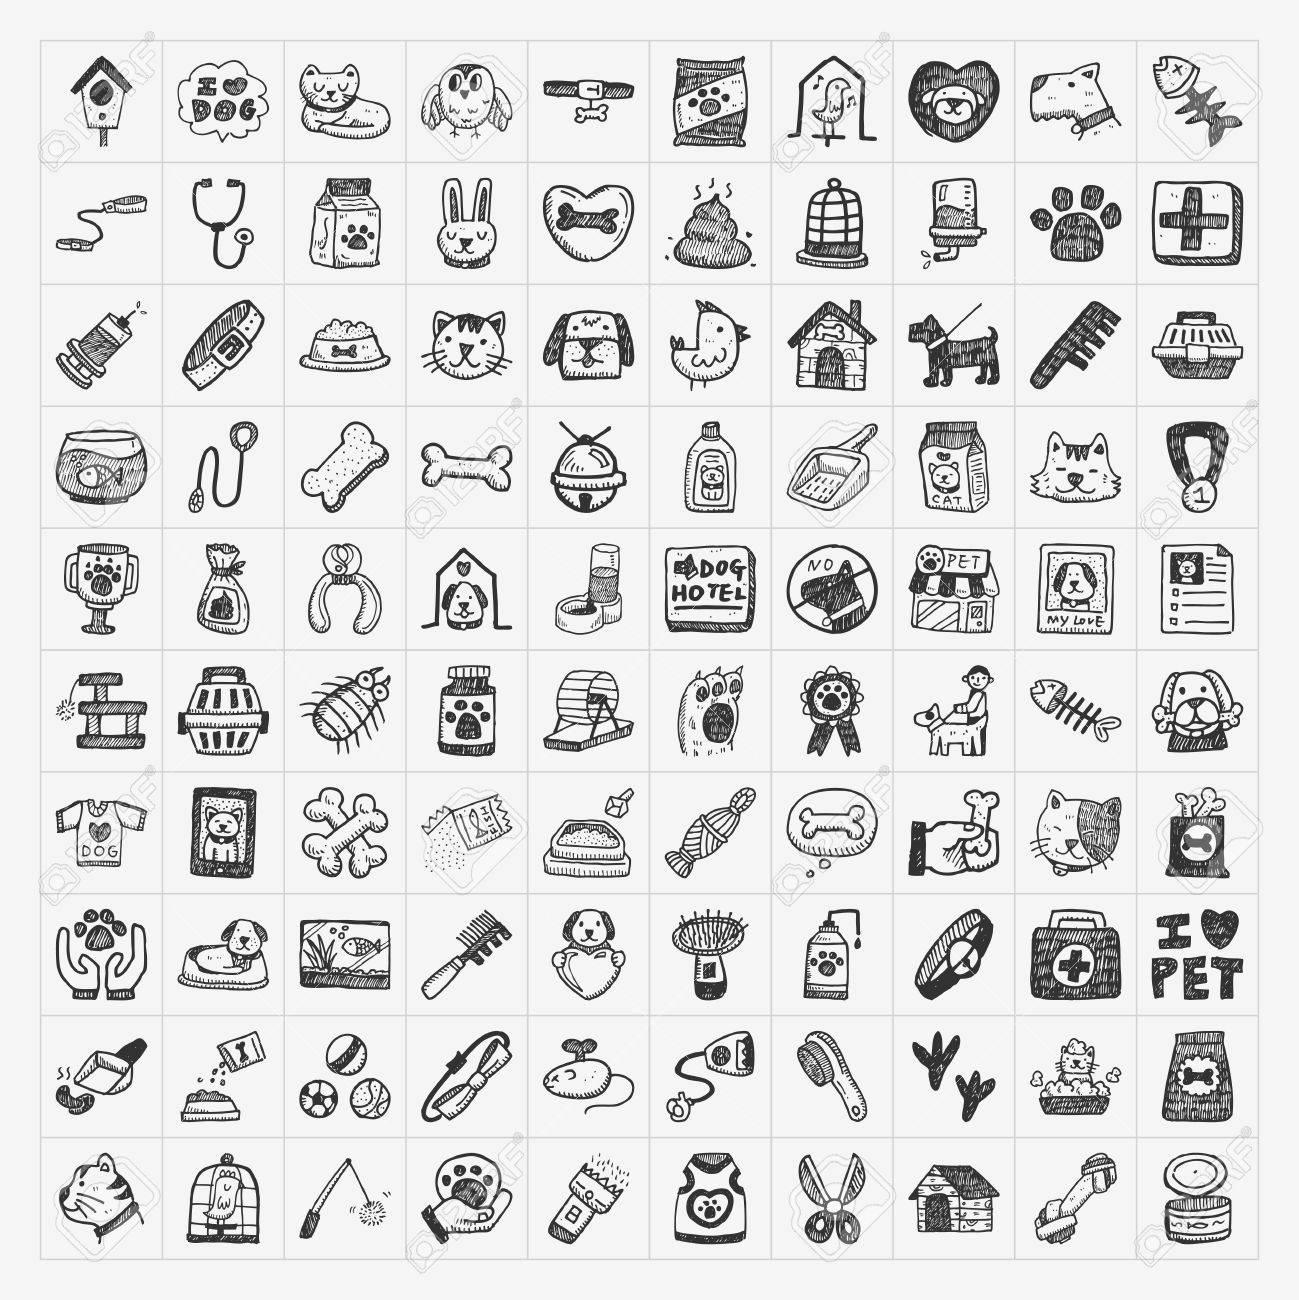 doodle pet icons set - 26078303